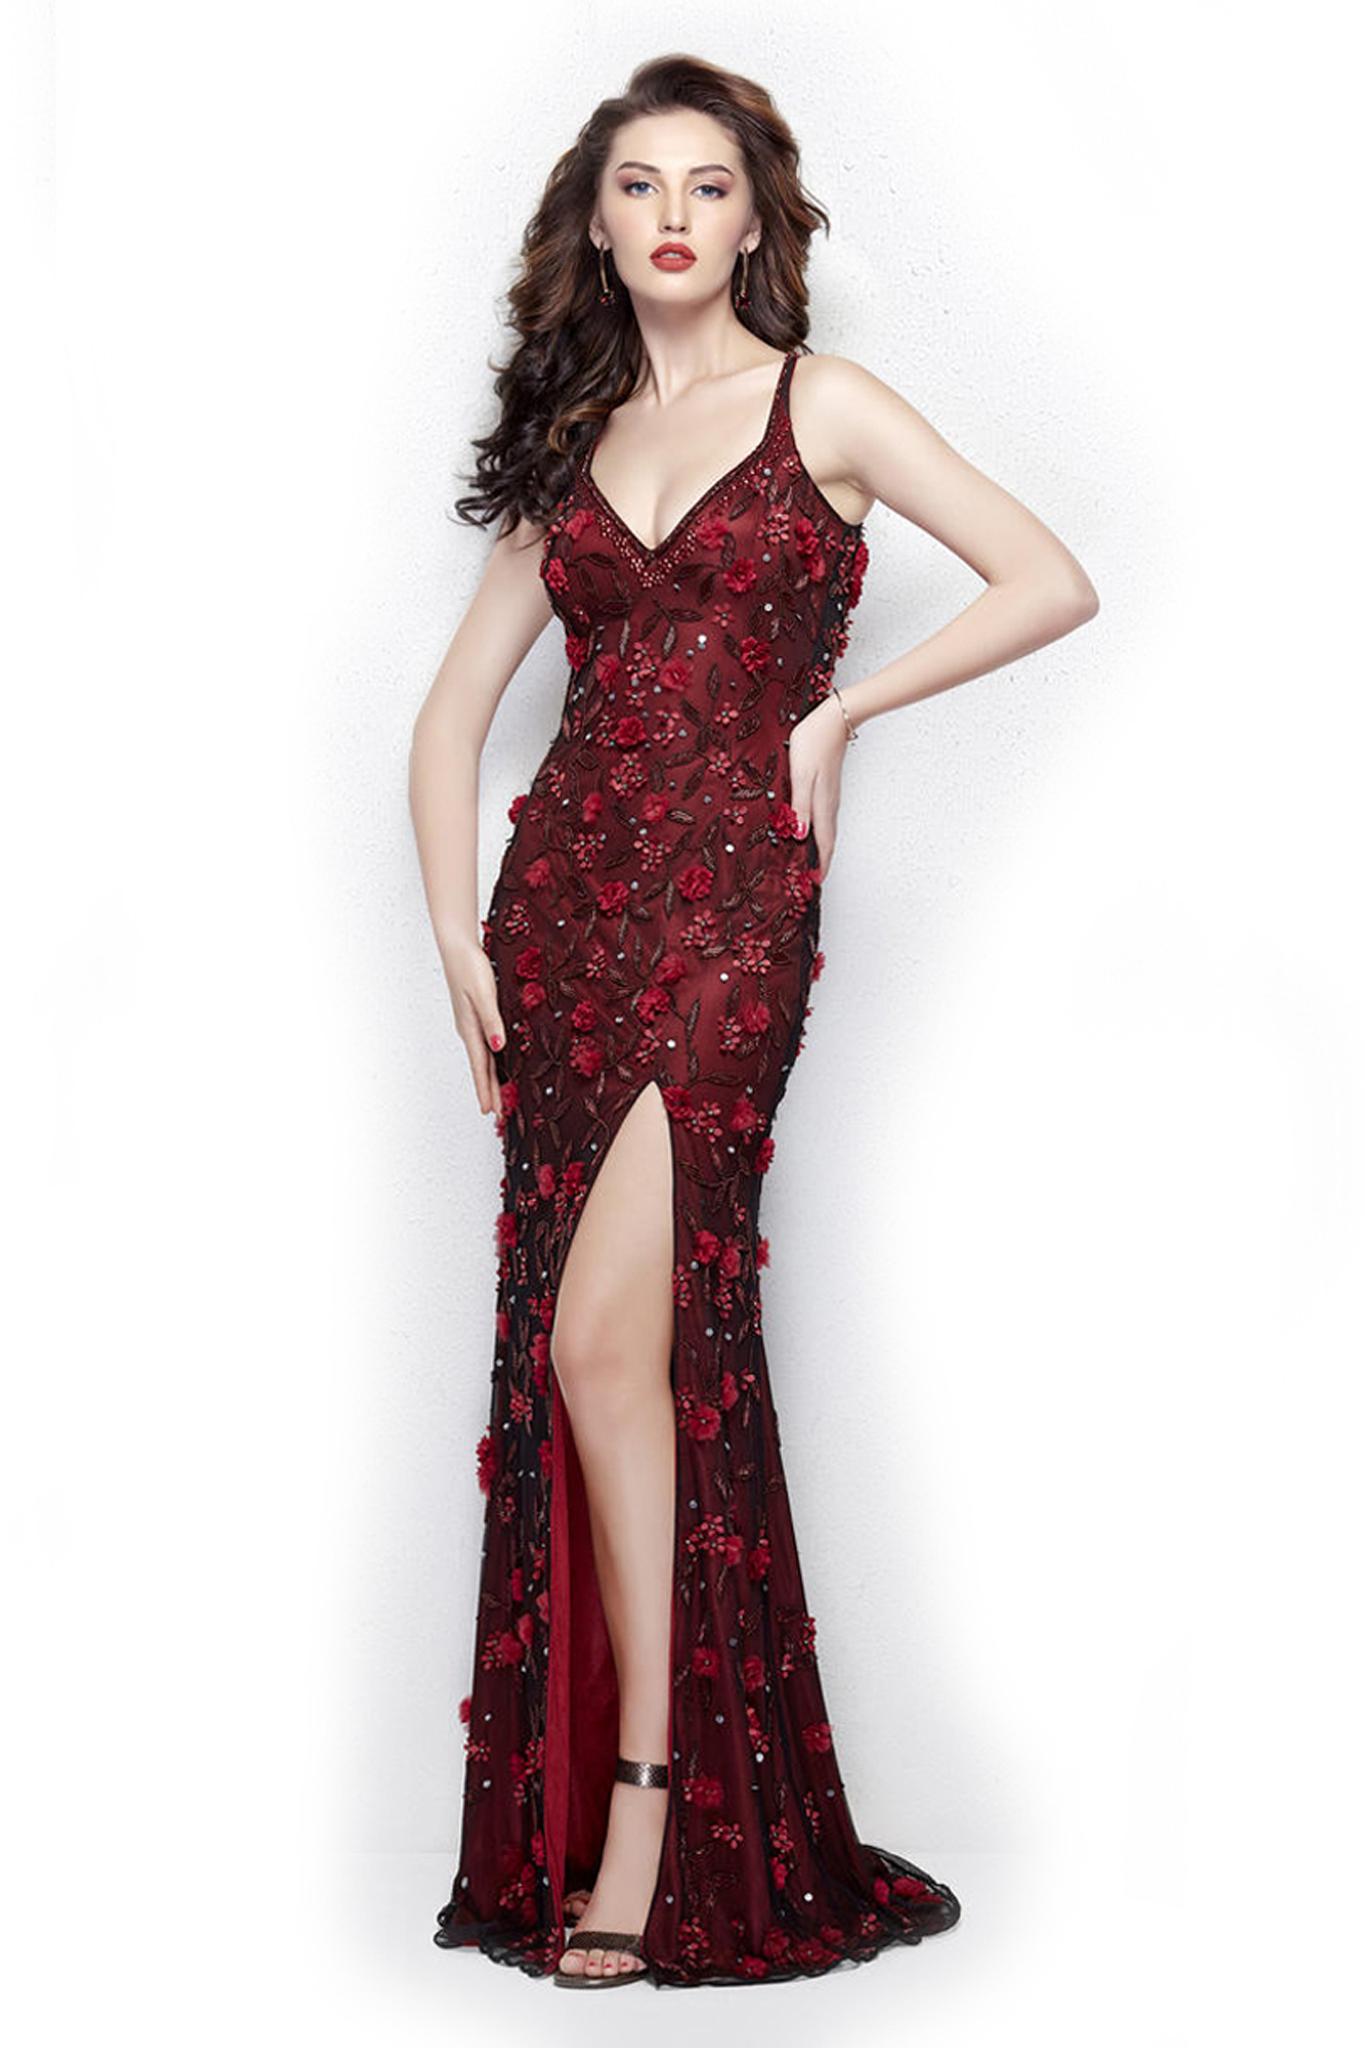 Milana 3360 Длинное,бордовое платье с высоким разрезом из блестящей ткани и украшенное вышивкой из цветов